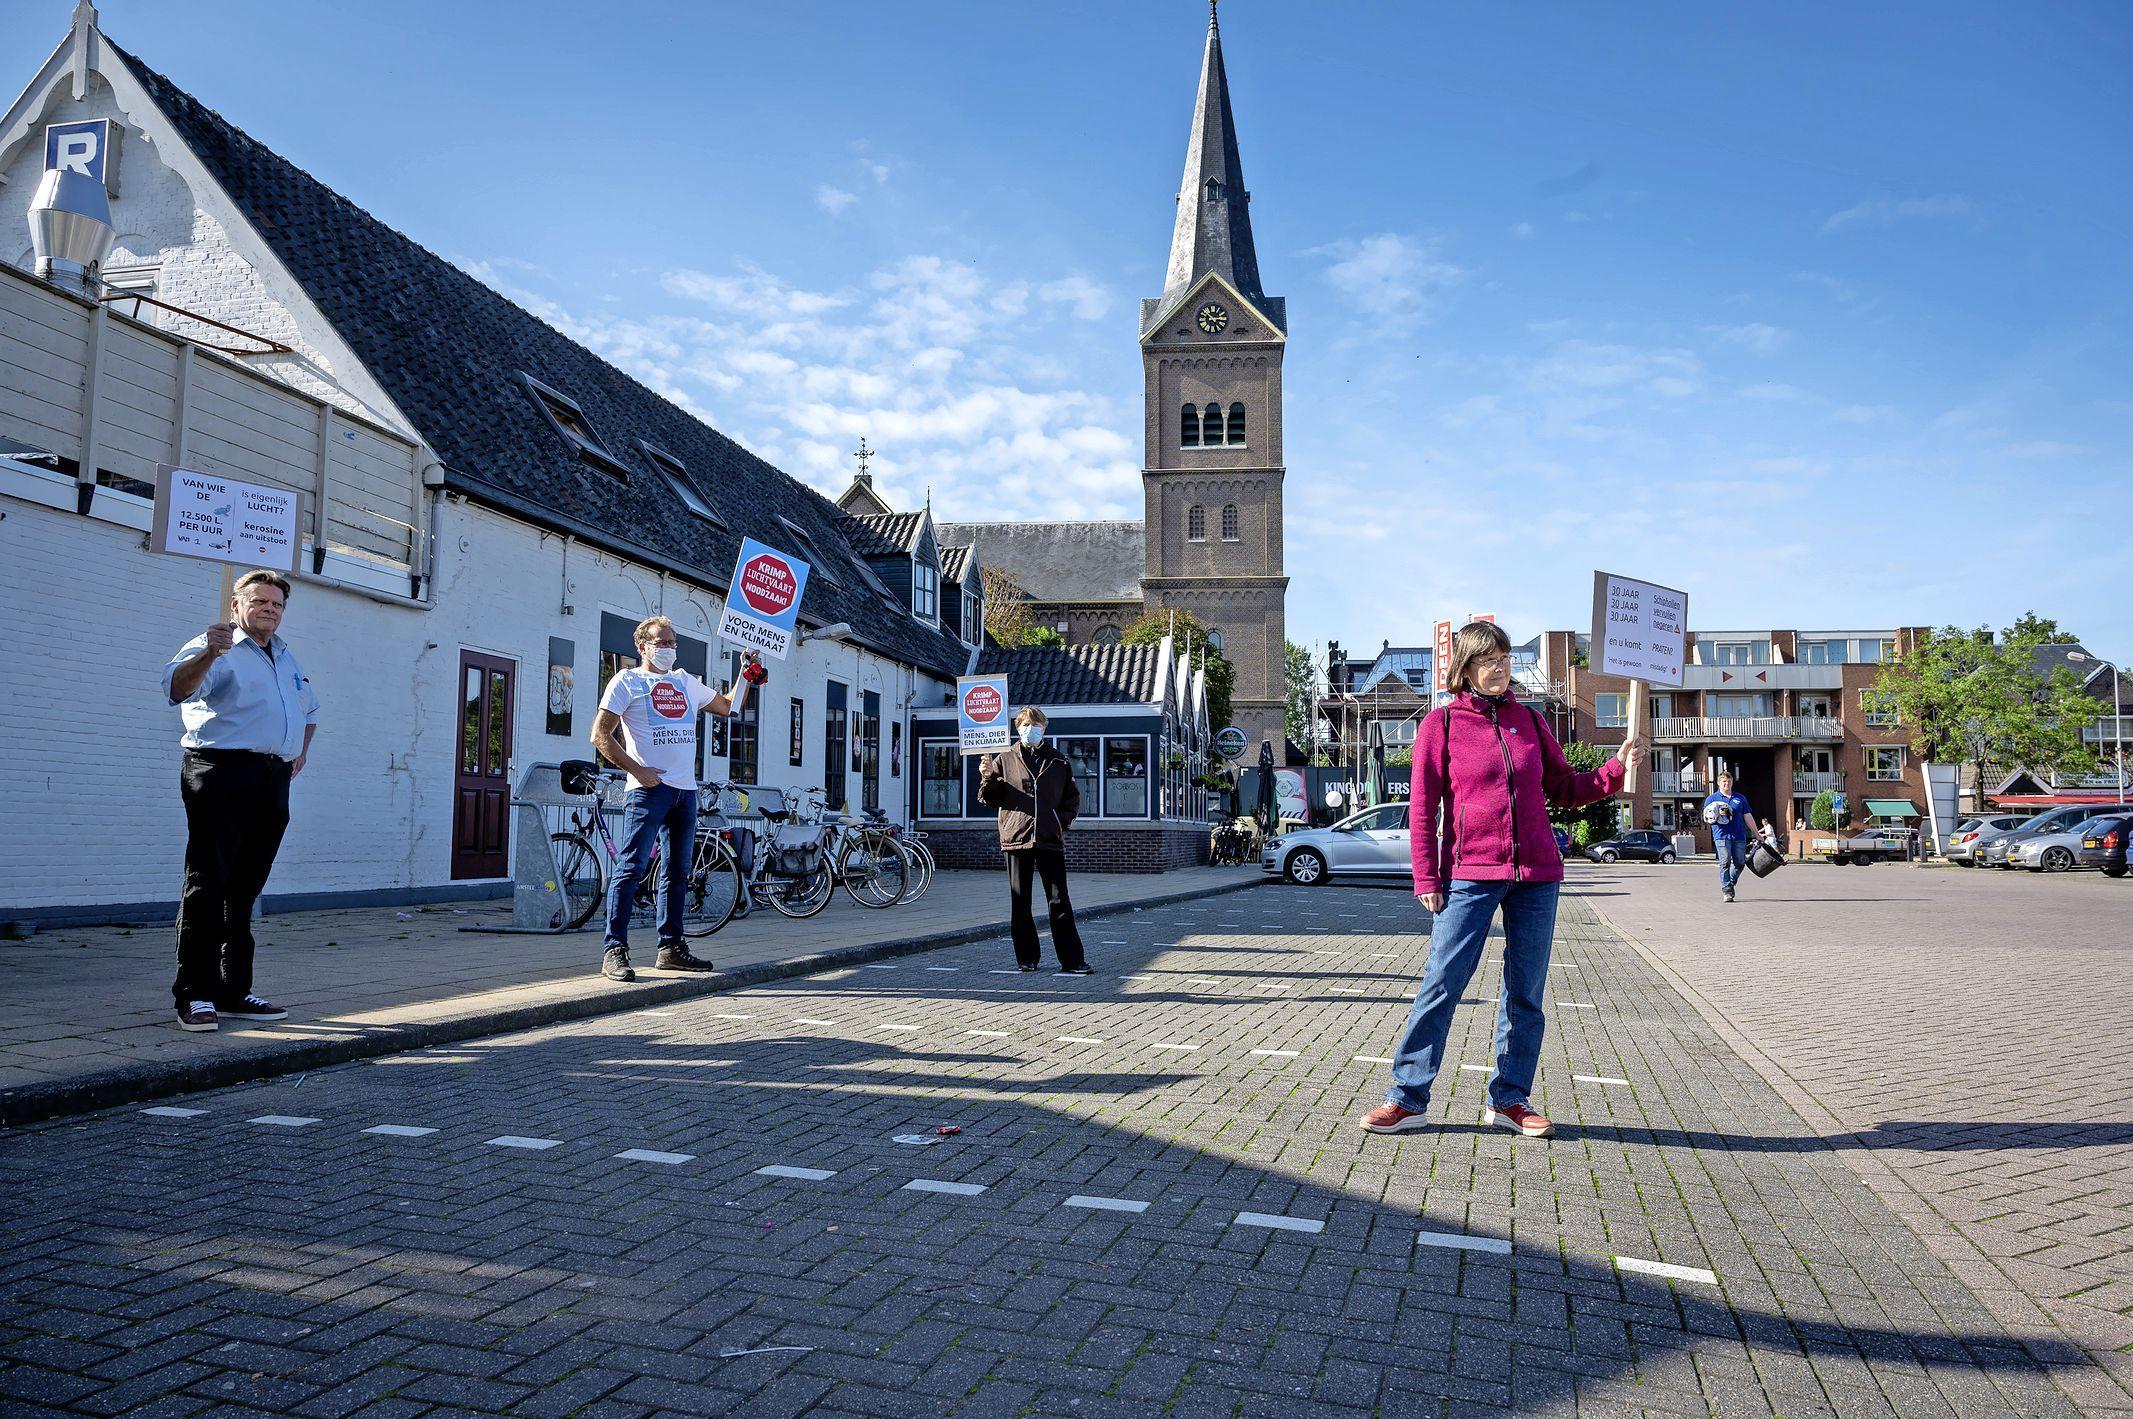 SOS Zaanstreek eist betere bescherming tegen Schiphol: 'Het is hier een lawaai ghetto'